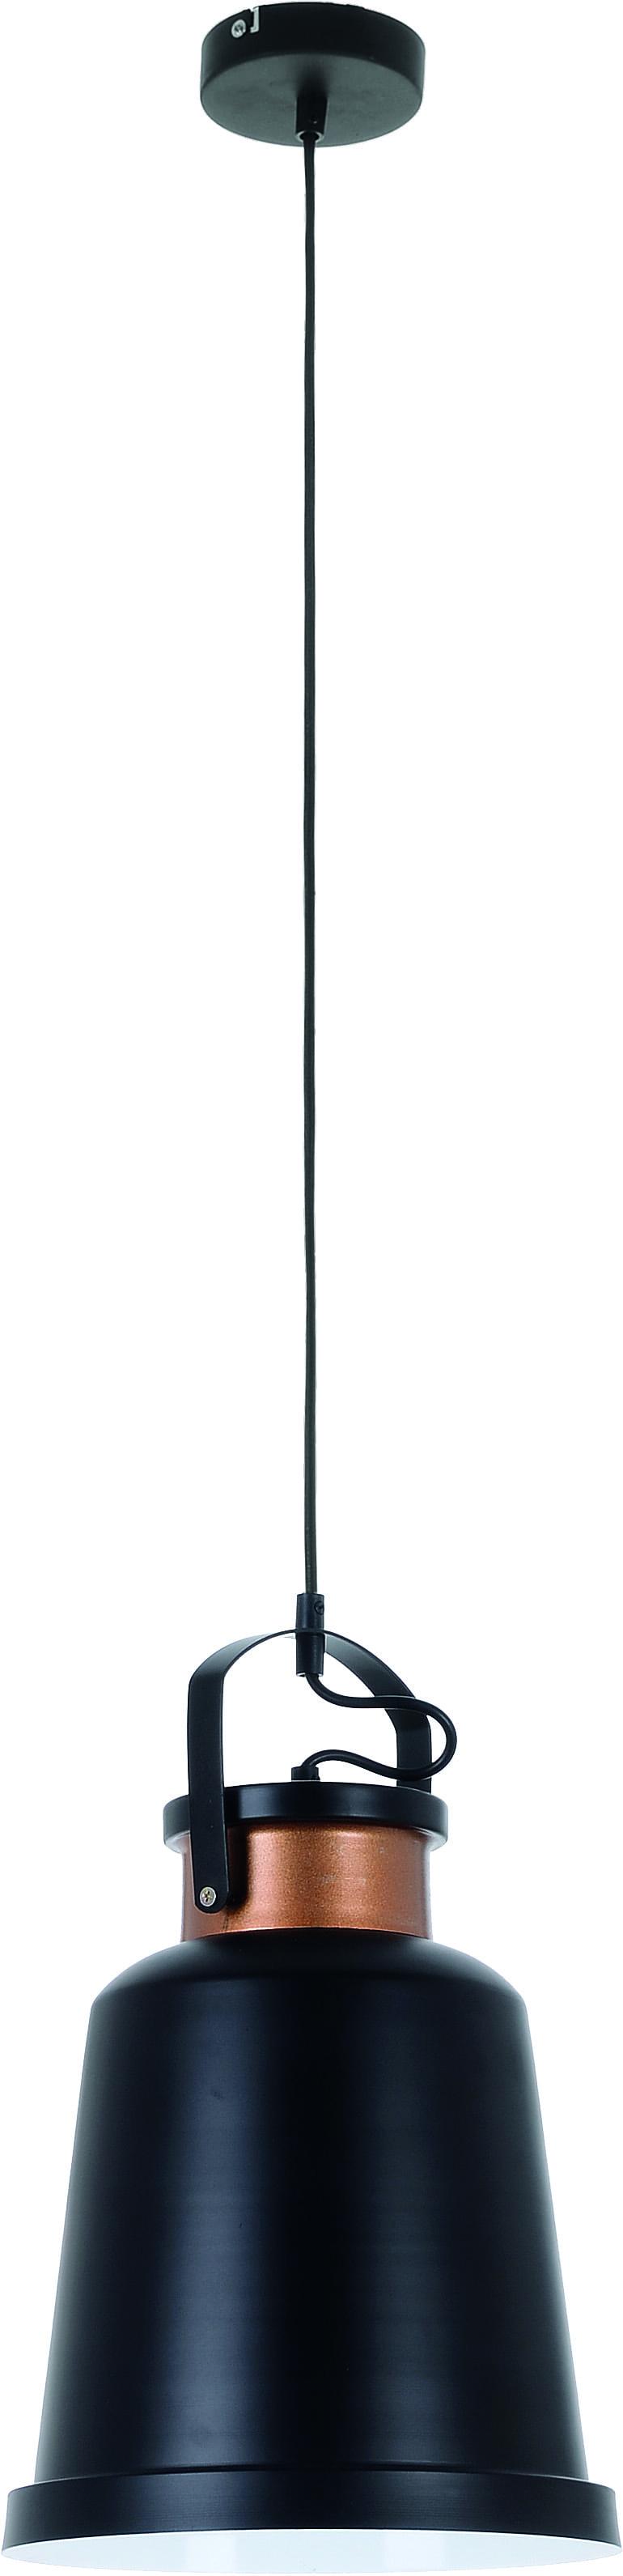 Black Herman vintage pendant lamp